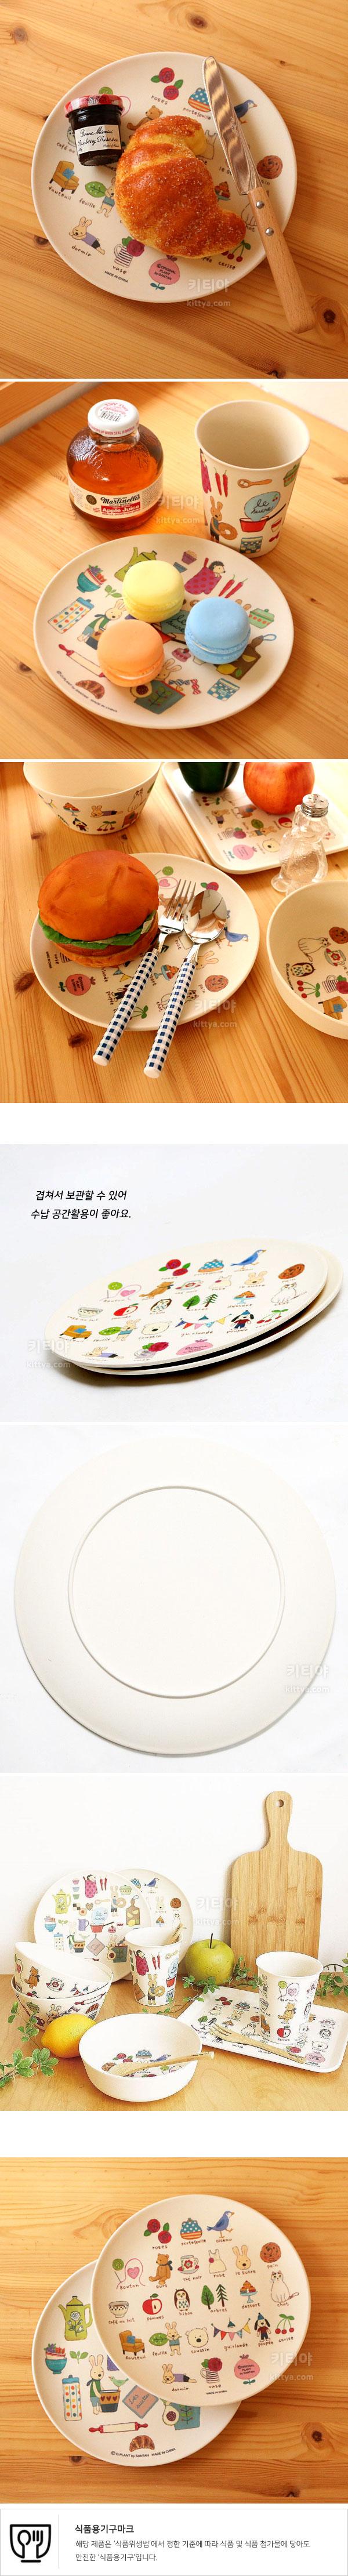 르슈크레 뱀부파이버 멜라민 접시 (2design) - 키티야, 7,900원, 접시/찬기, 접시